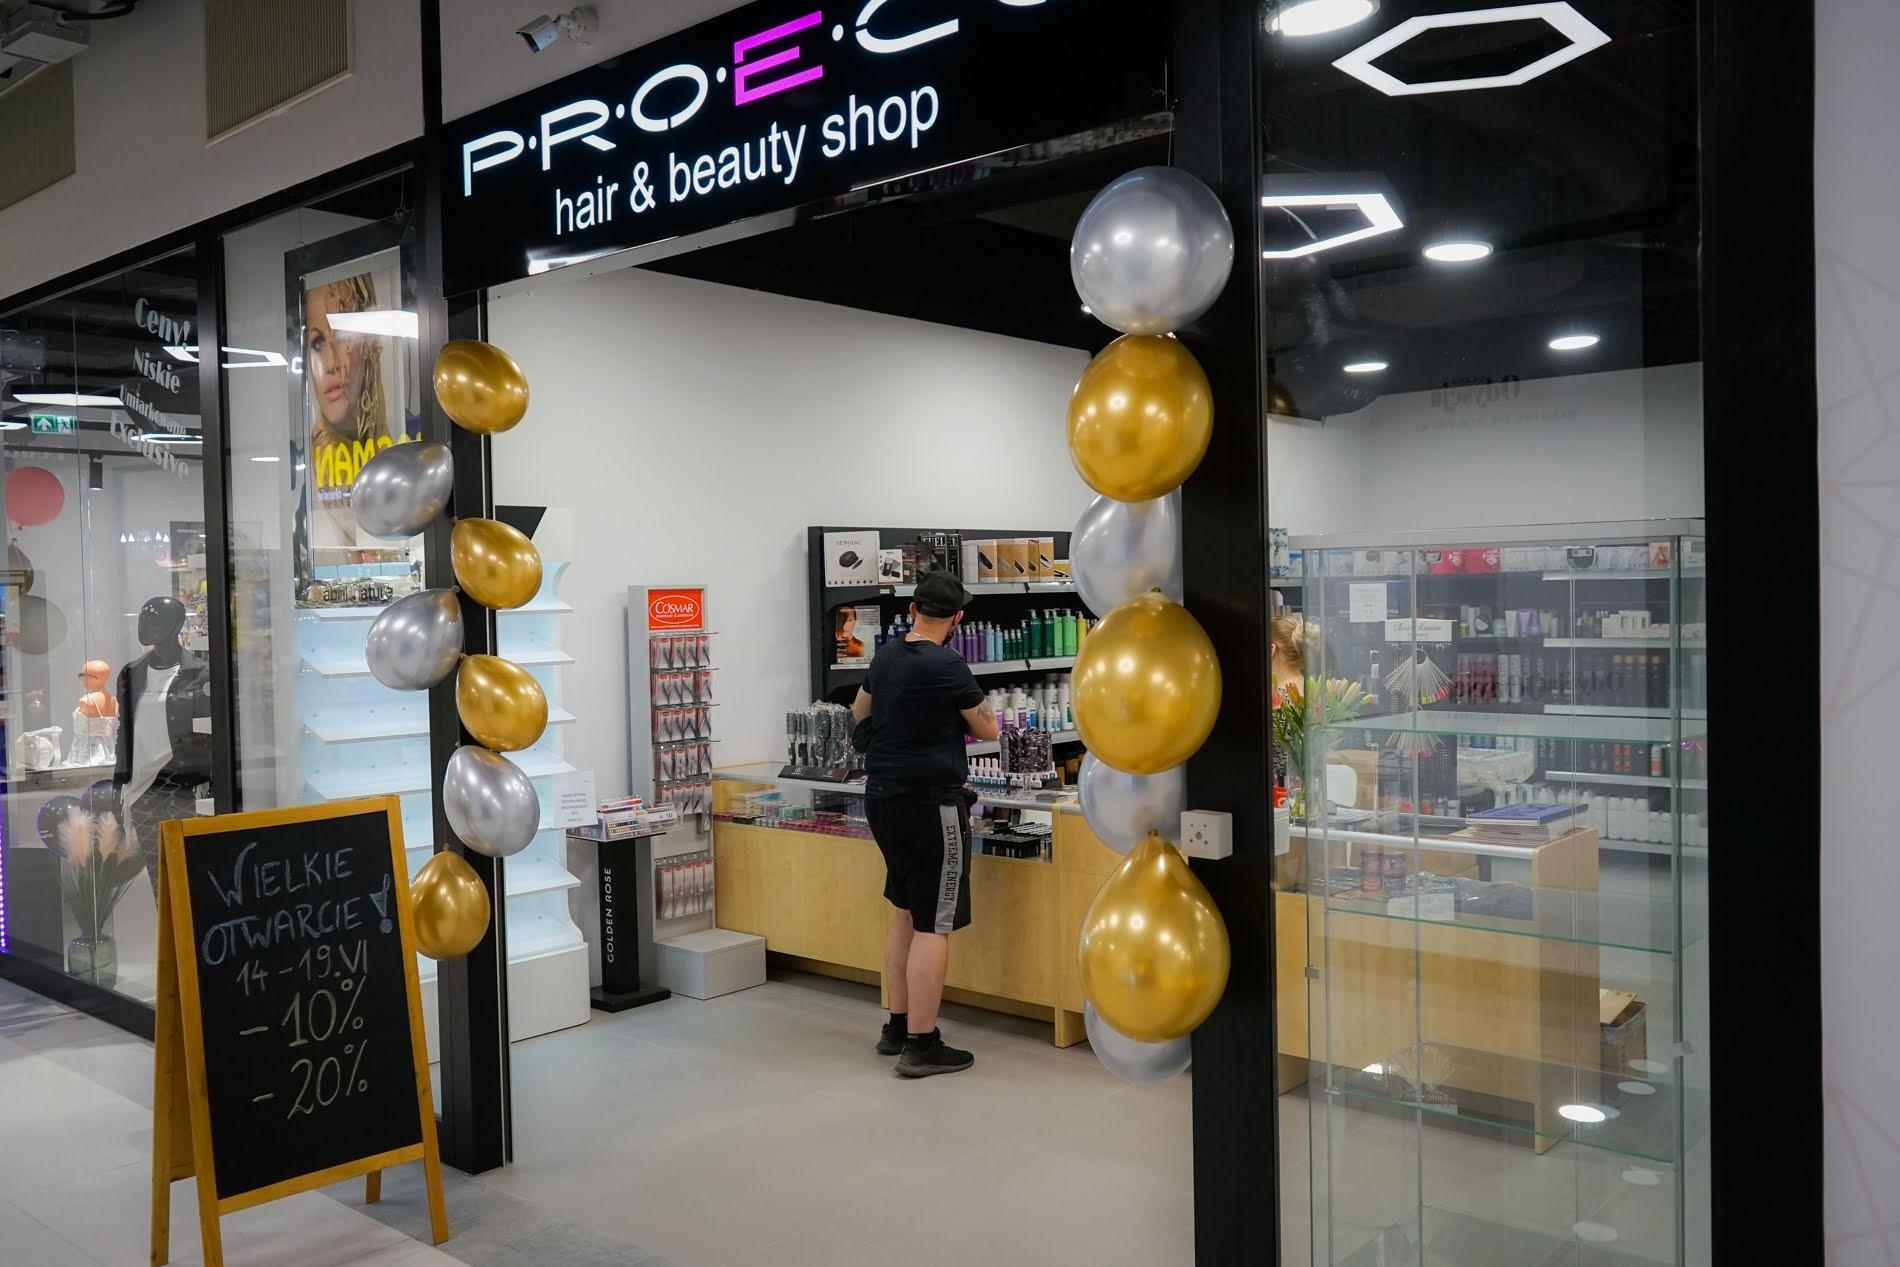 Sklep Proeco hair & beauty shop w Galerii Odyseja